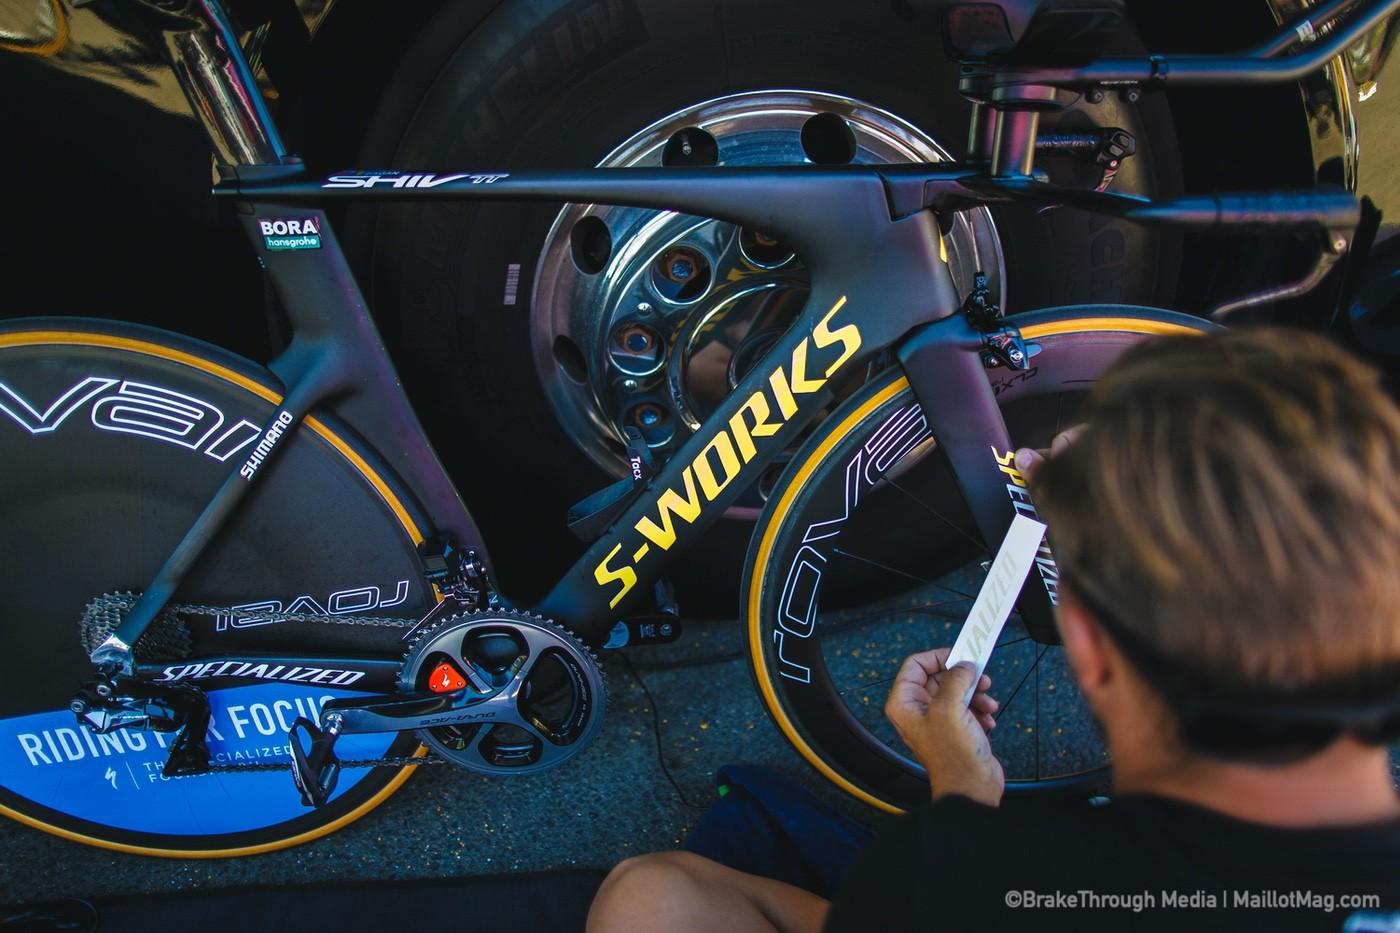 Mecánico del equipo Bora personalizando la bici de Peter Sagan